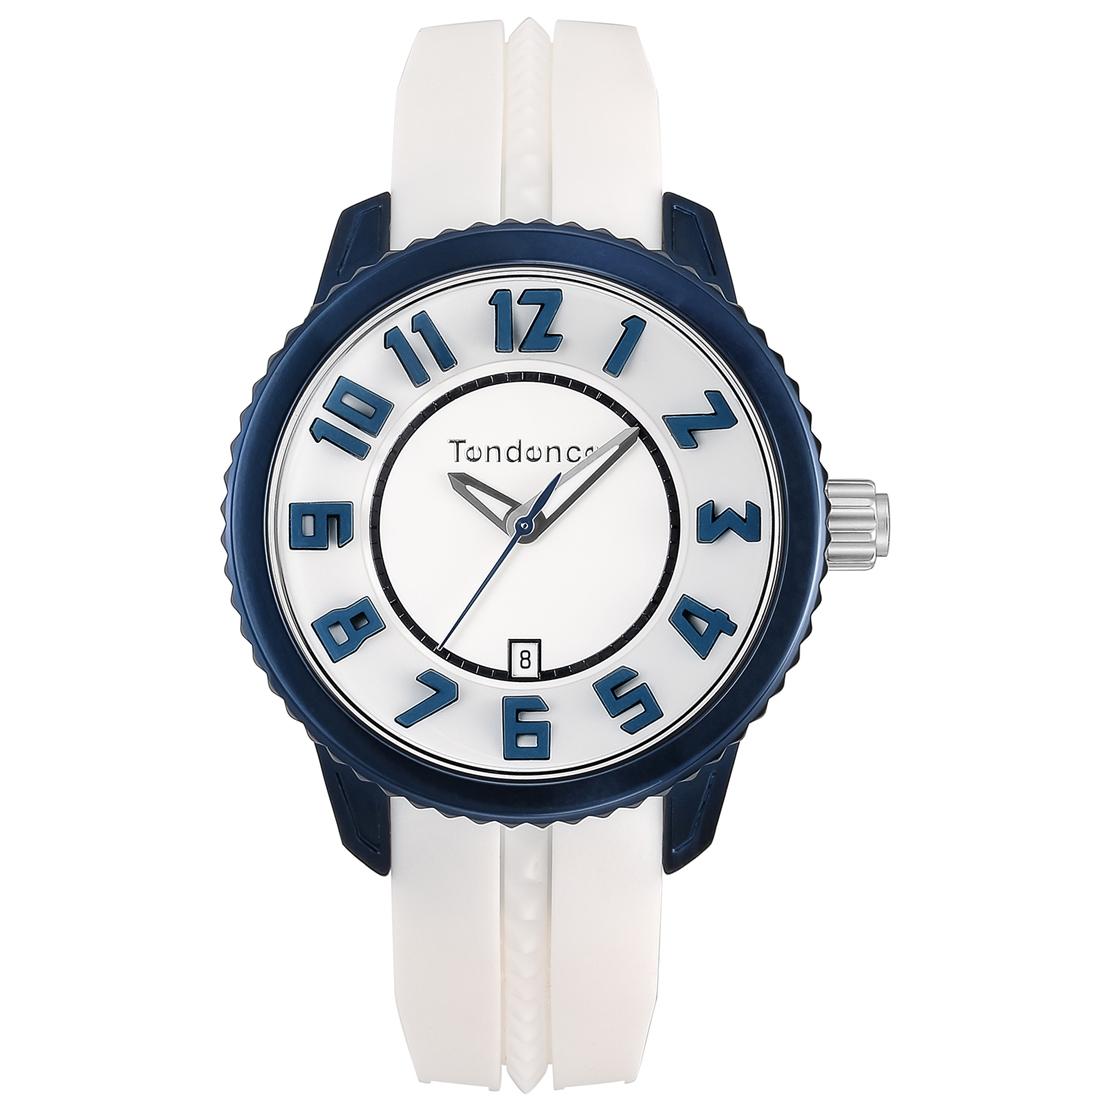 【今ならオーバーサイズノートプレゼント】 テンデンス Tendence TY932001 アルテックガリバー 正規品 腕時計